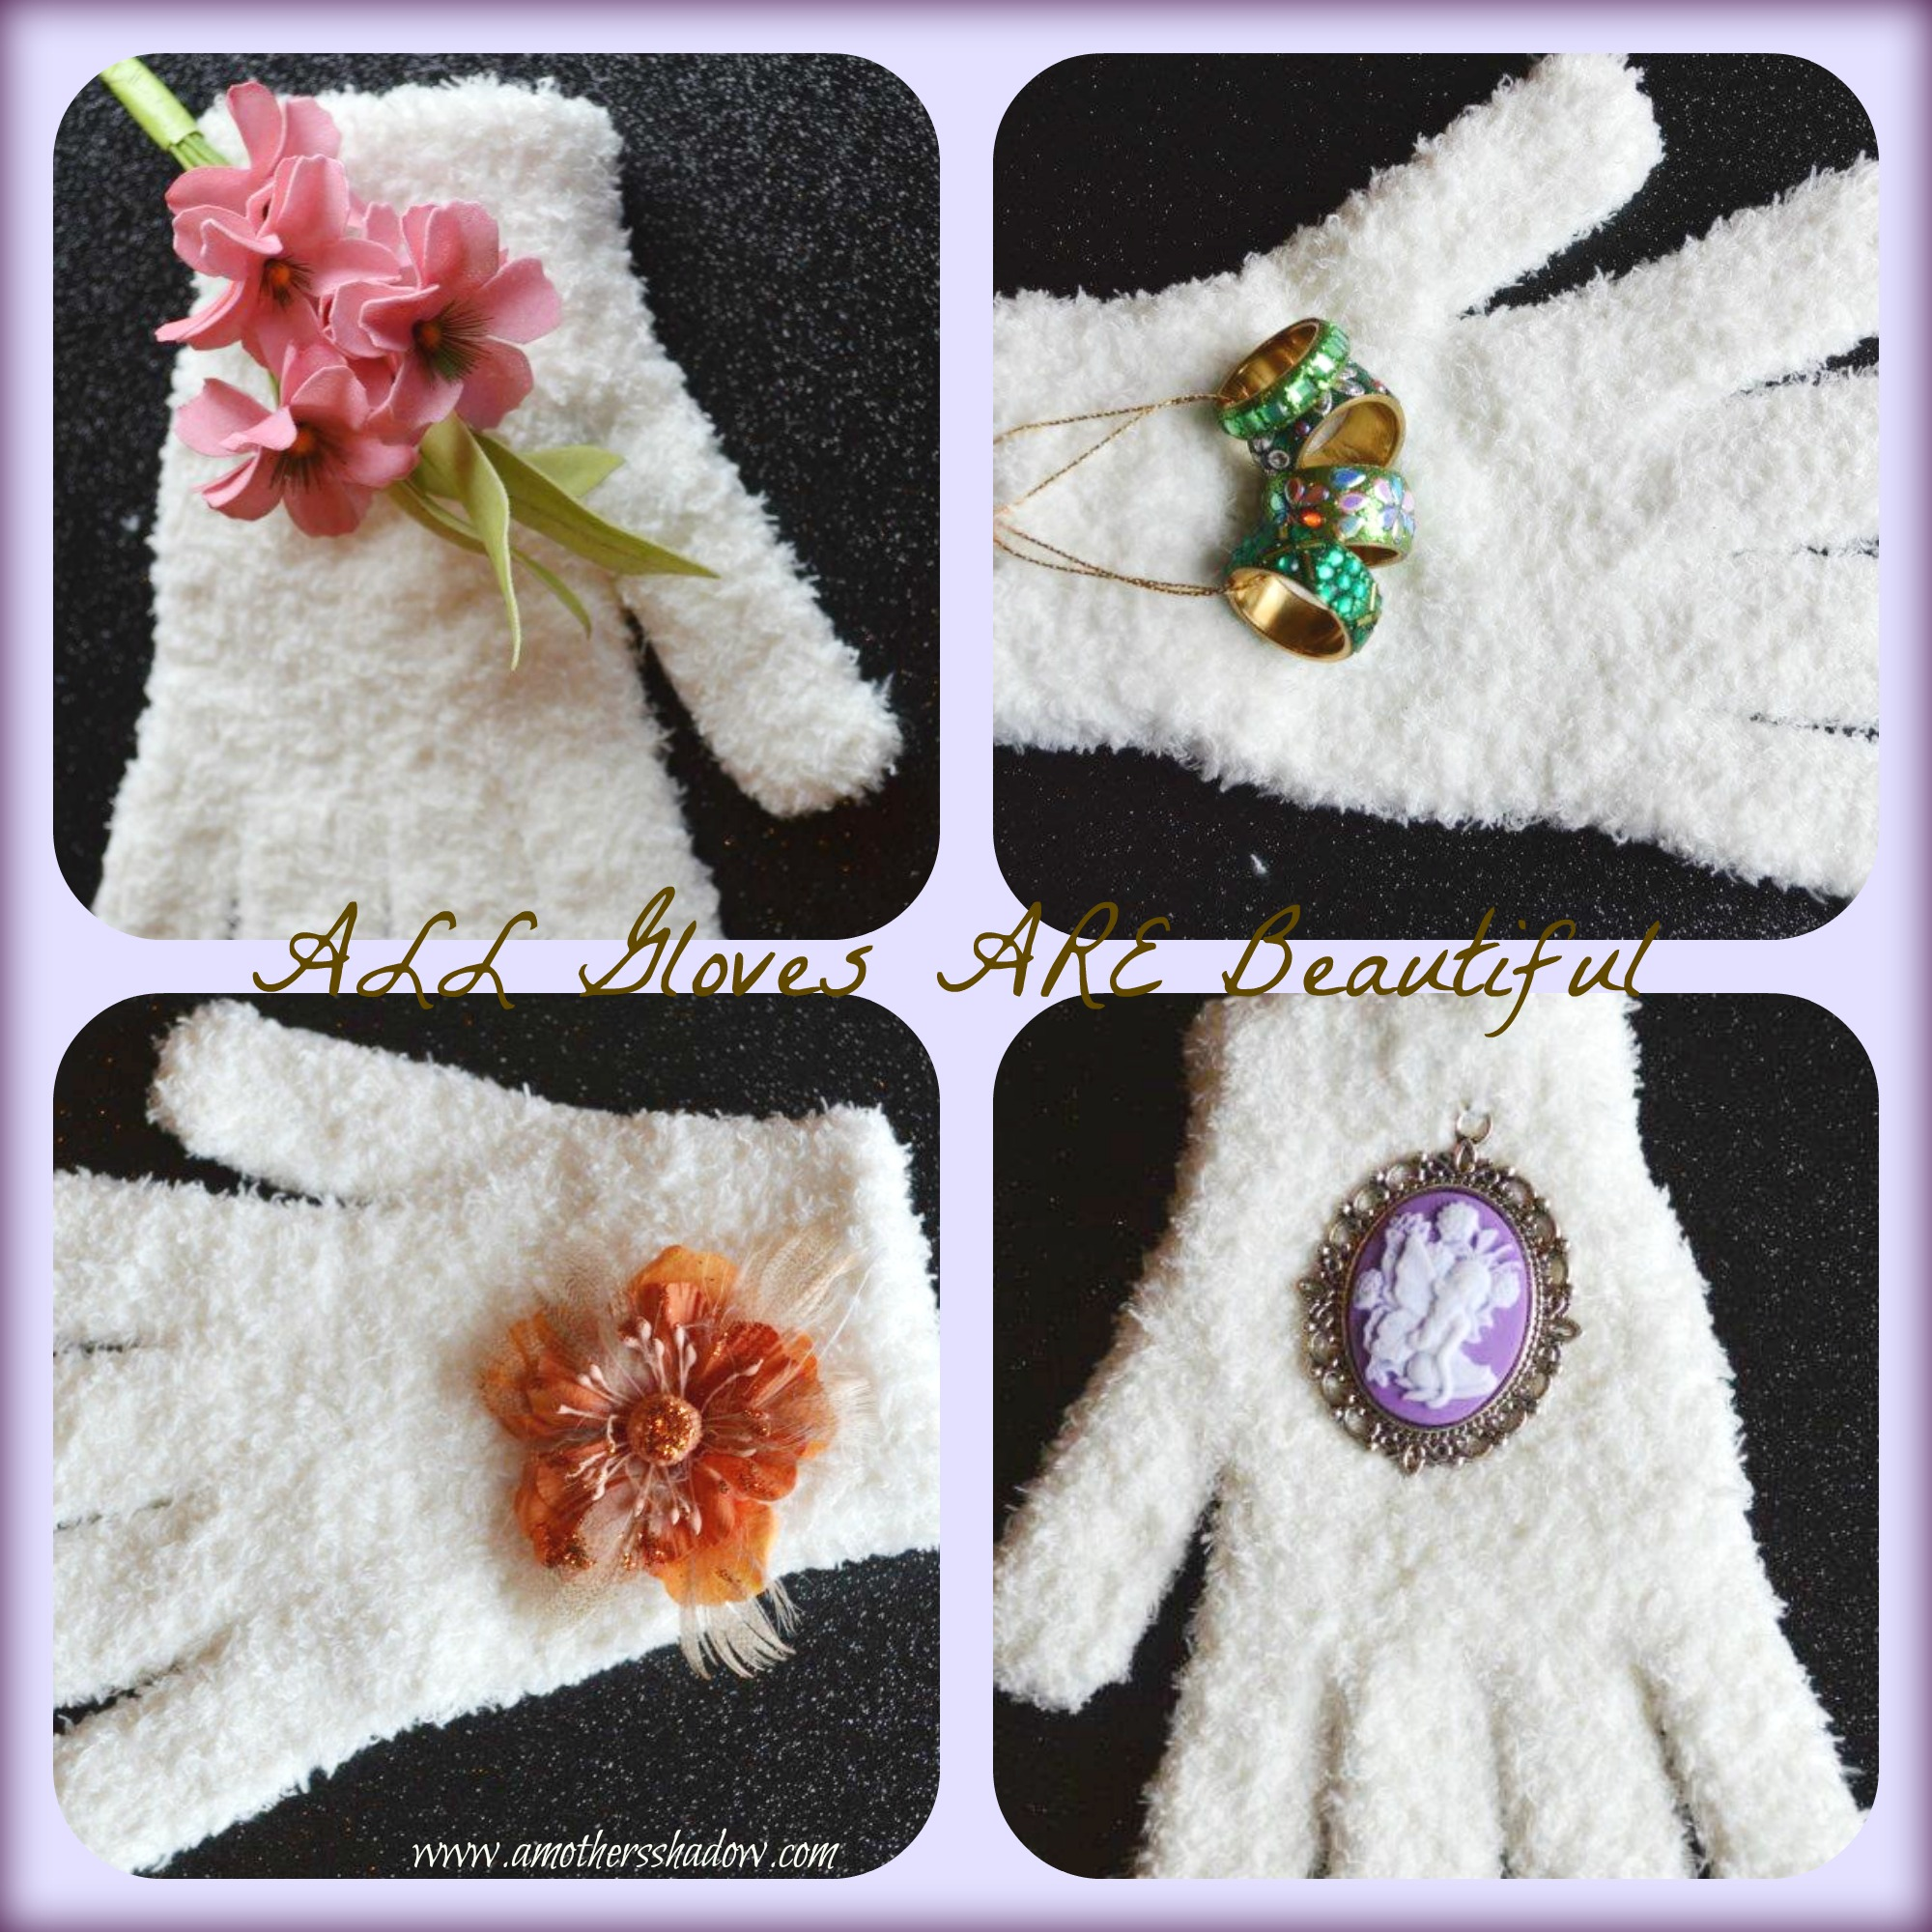 Glove Collage